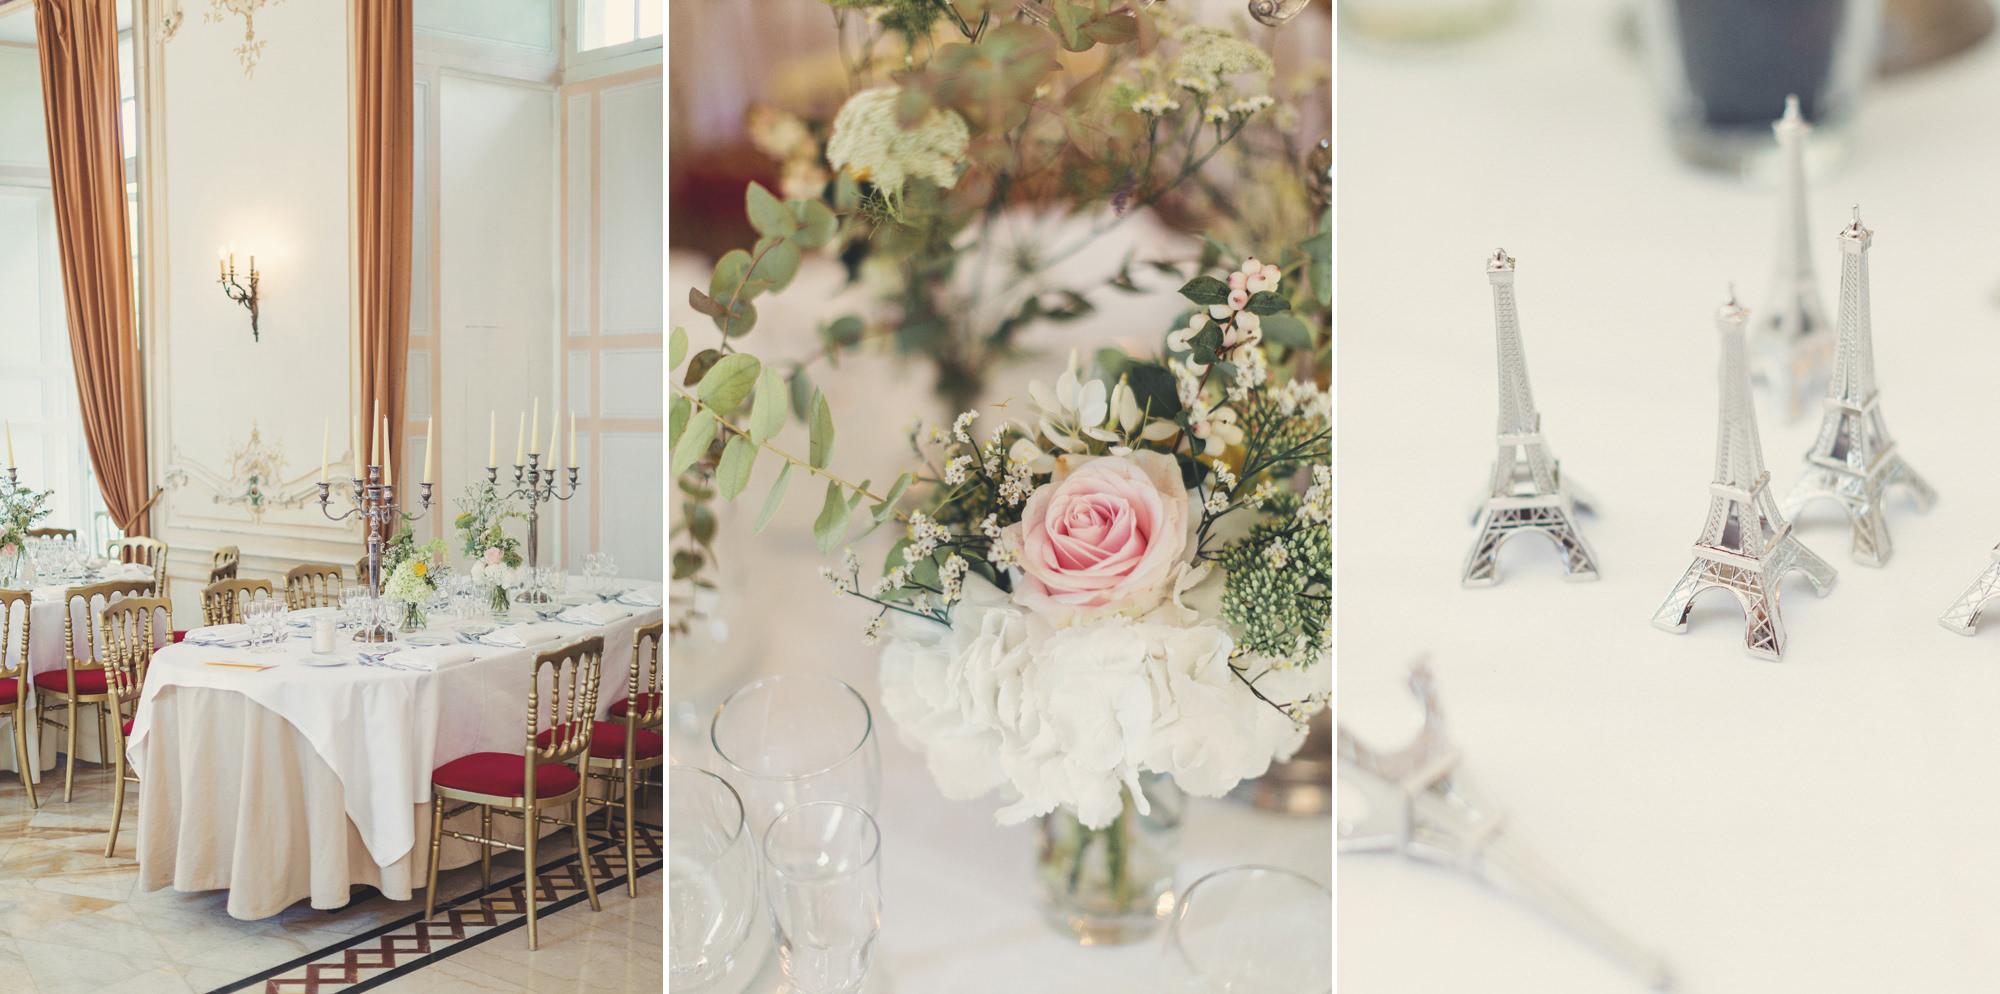 Mariage au Chateau d'Ermenonville@Anne-Claire Brun 97